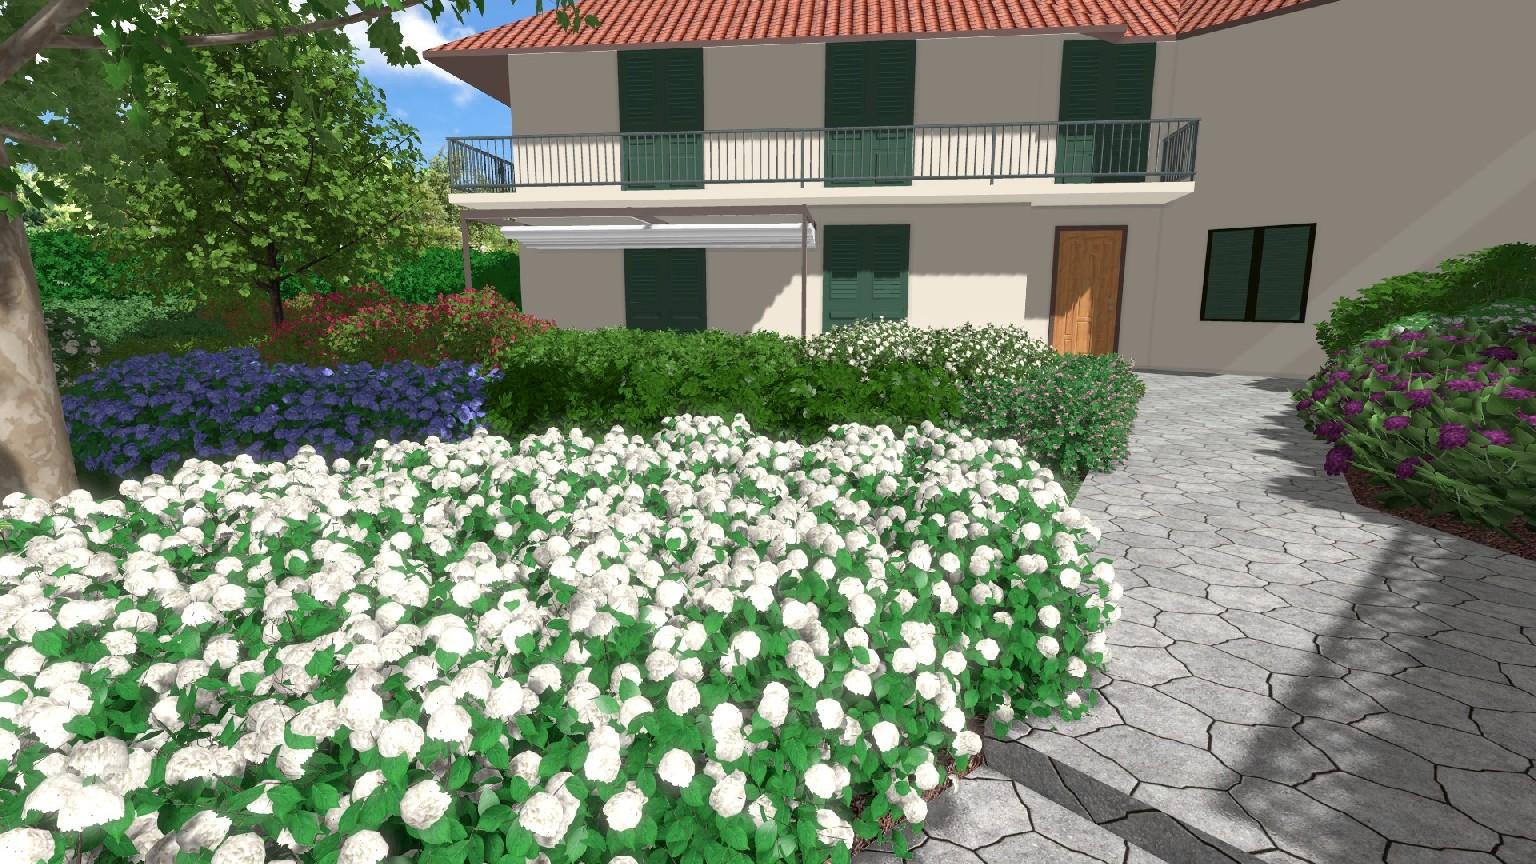 Progettazione di giardino a firenze davide giorgi for Giardino firenze